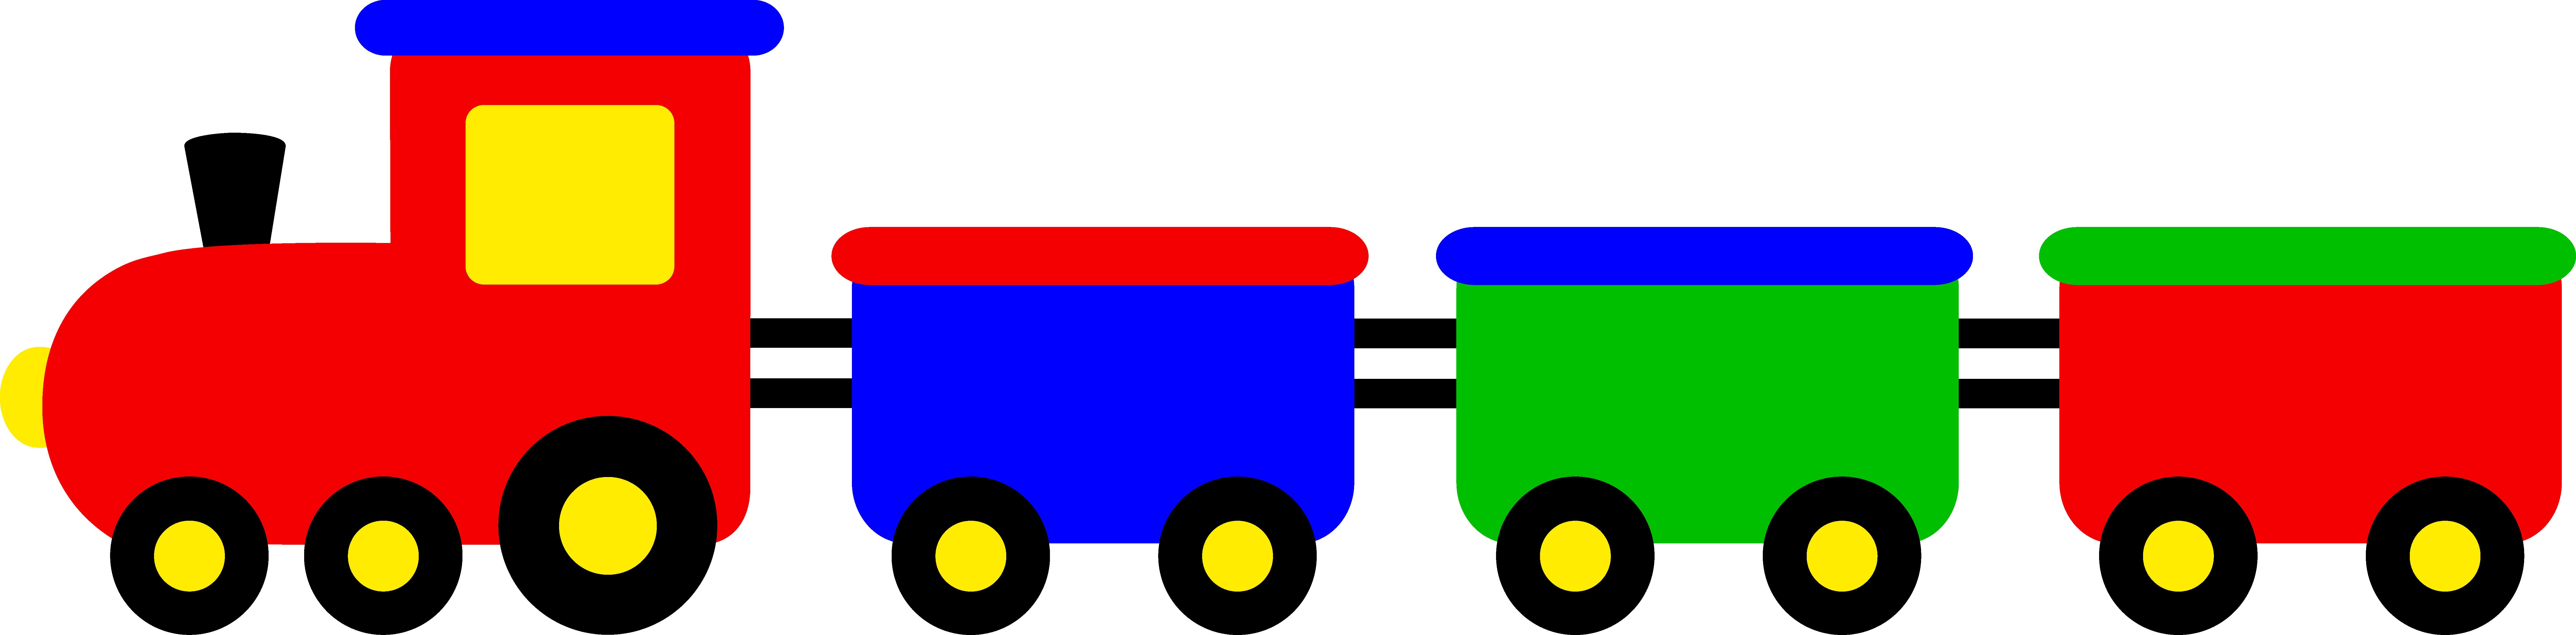 Cartoon Train Clipart-Cartoon Train Clipart-7